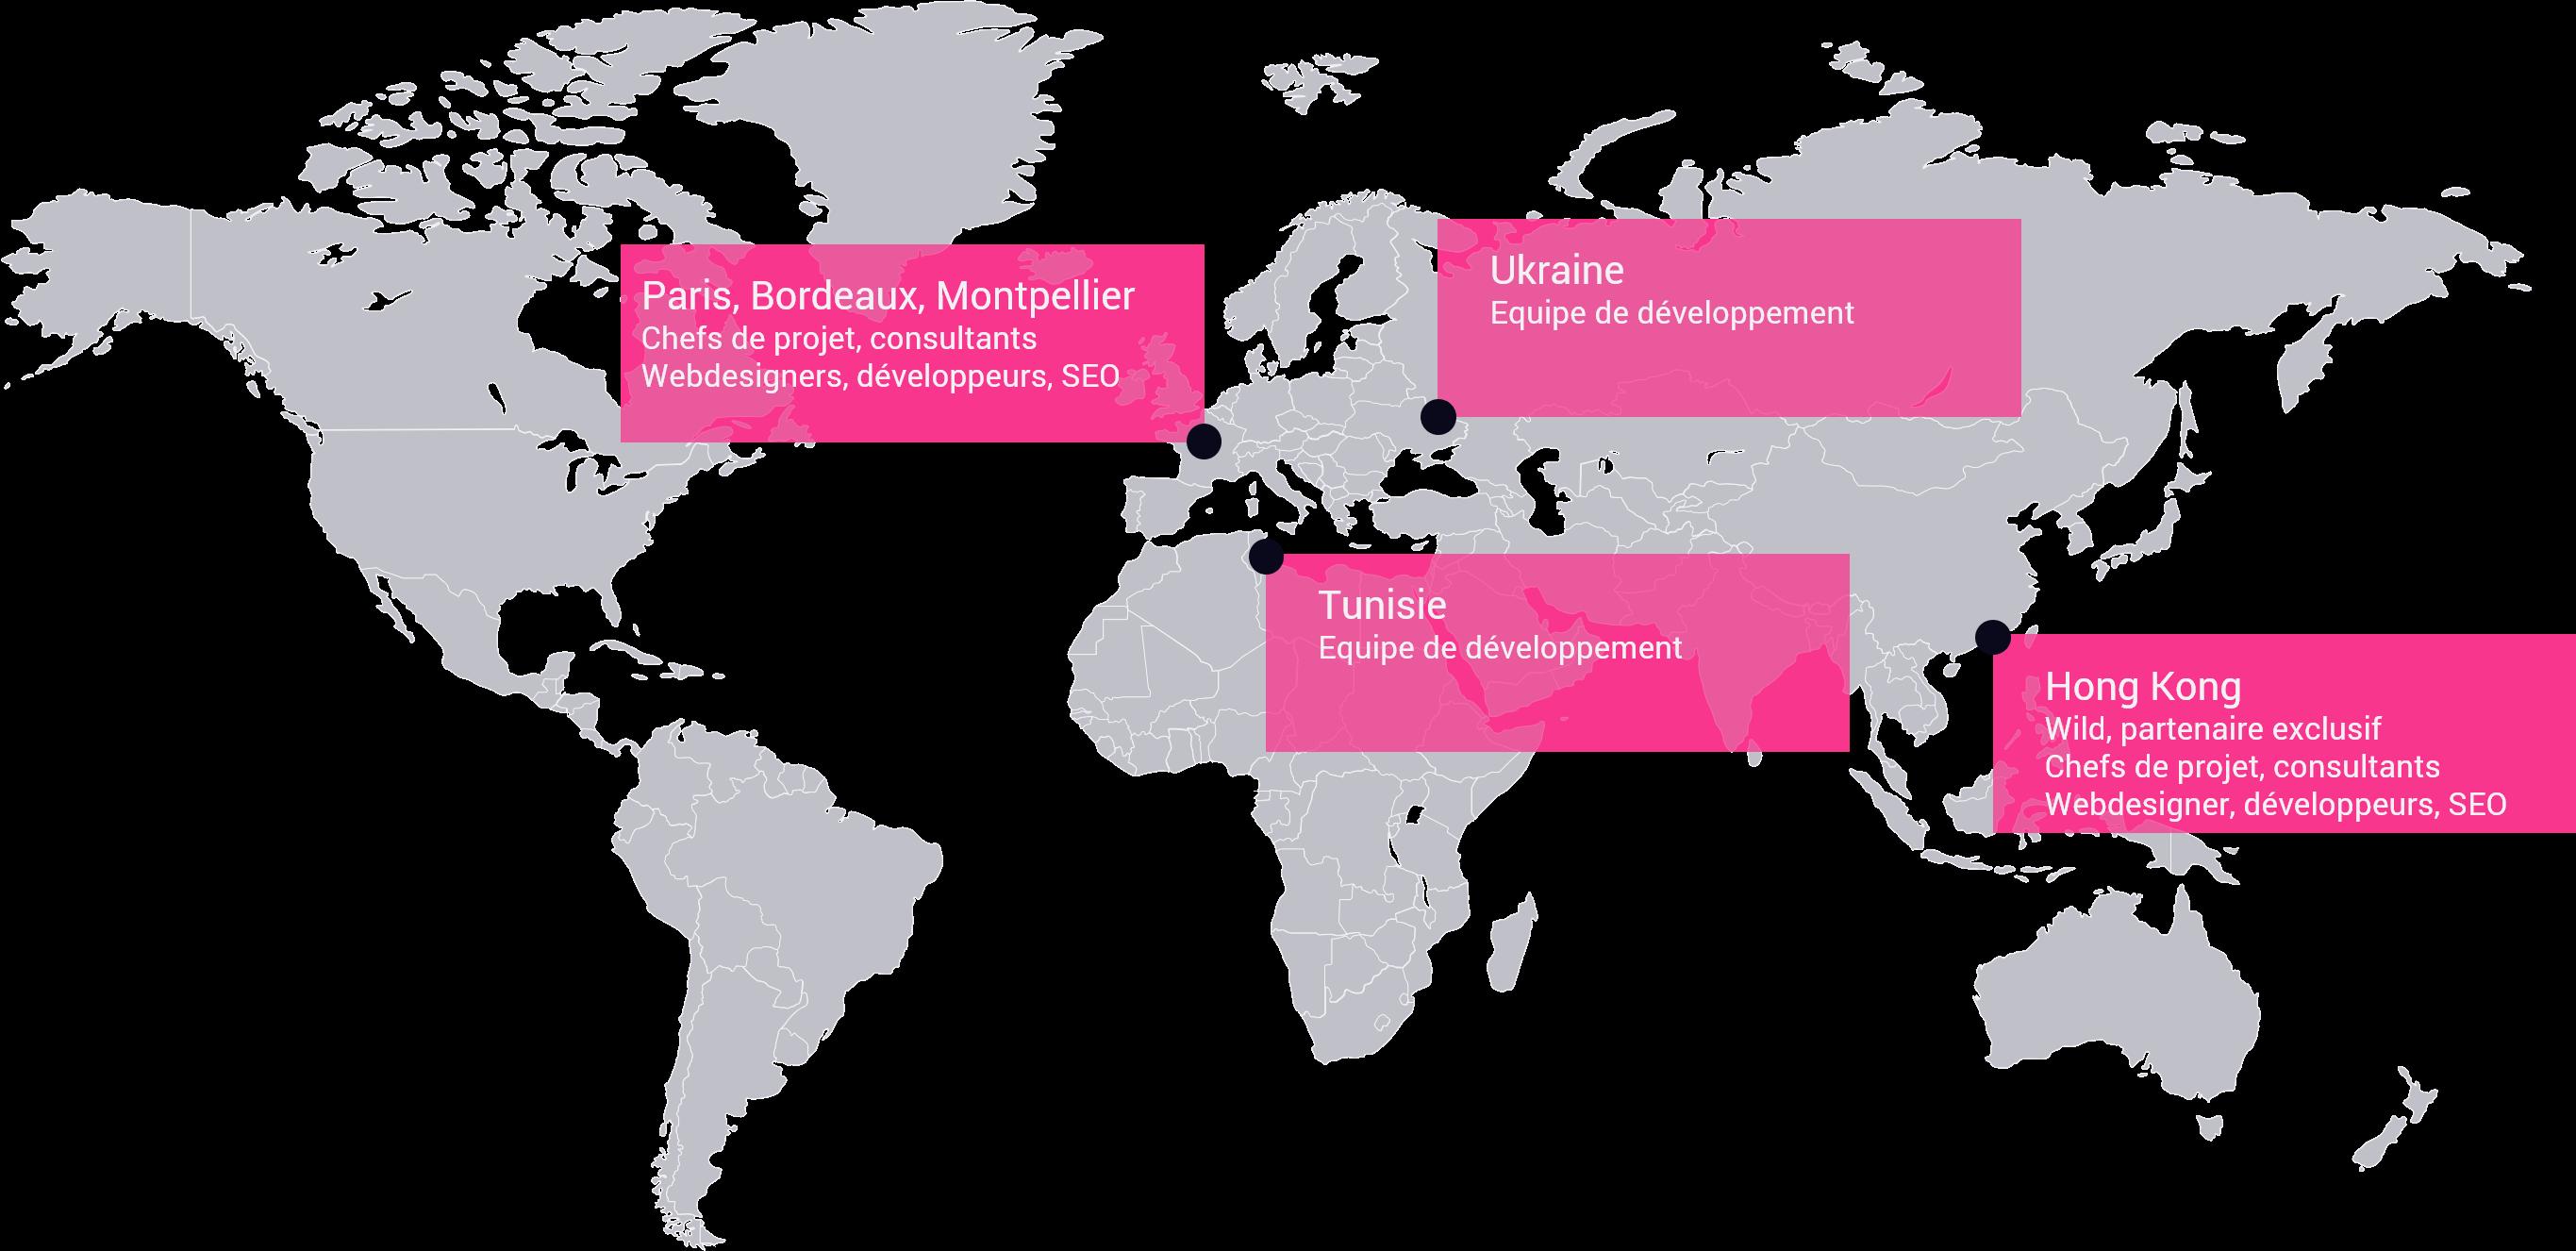 Grâce à son réeau de partenaires à Paris, Bordeaux, Montpellier, en Ukraine, Hong-Kong et au Luxembourg, l'agence Com'etic bénéficie d'équipes expertes en digital dans le monde